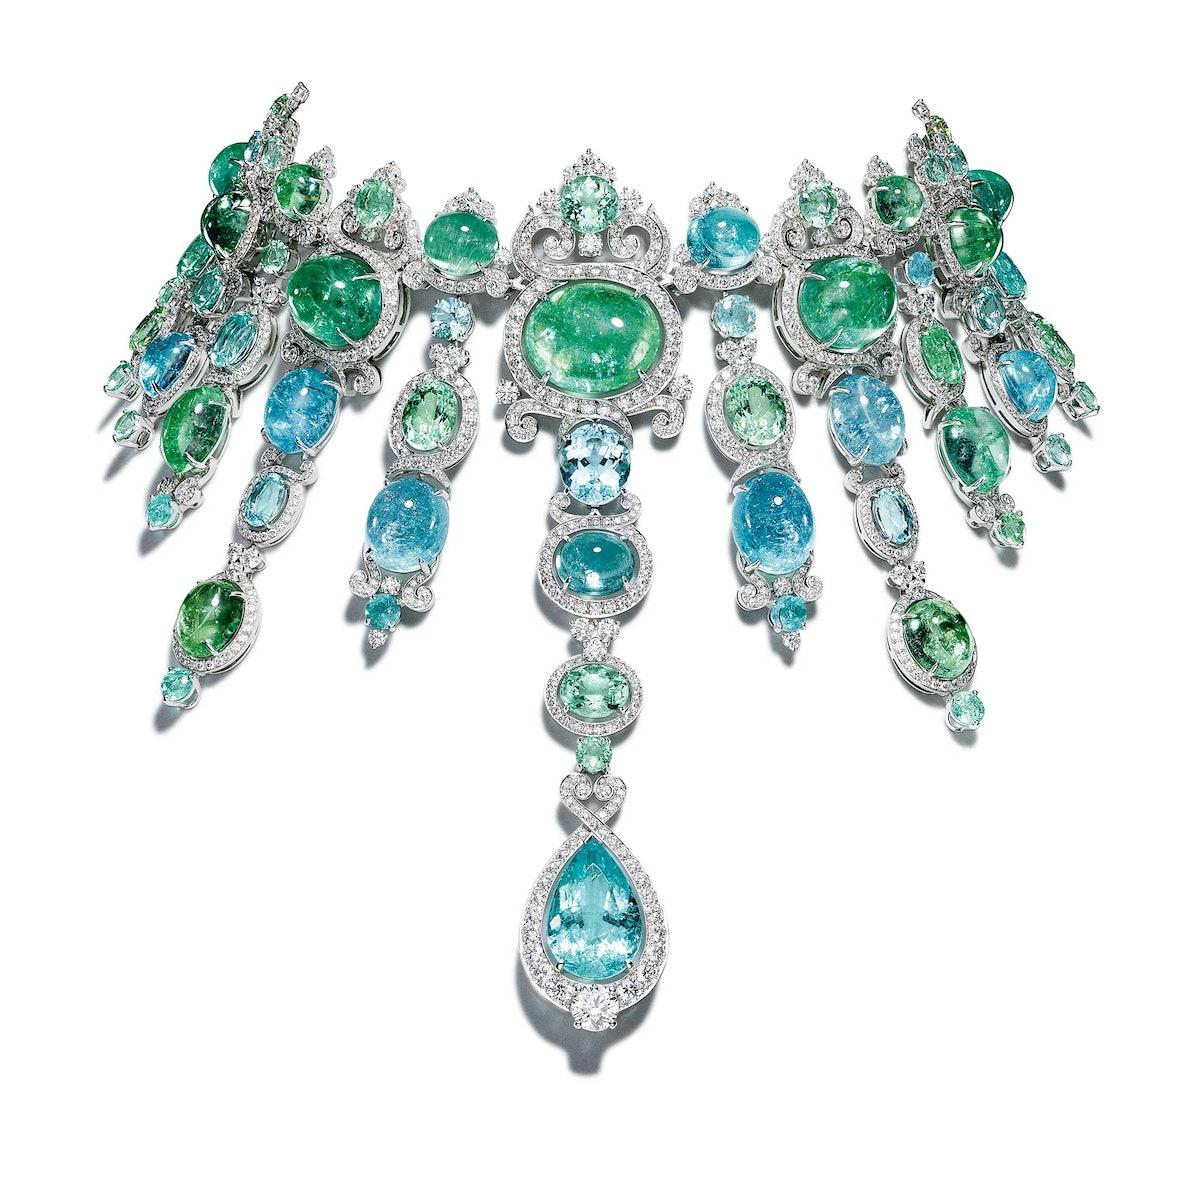 Giampiero Bodino Barocco Necklace